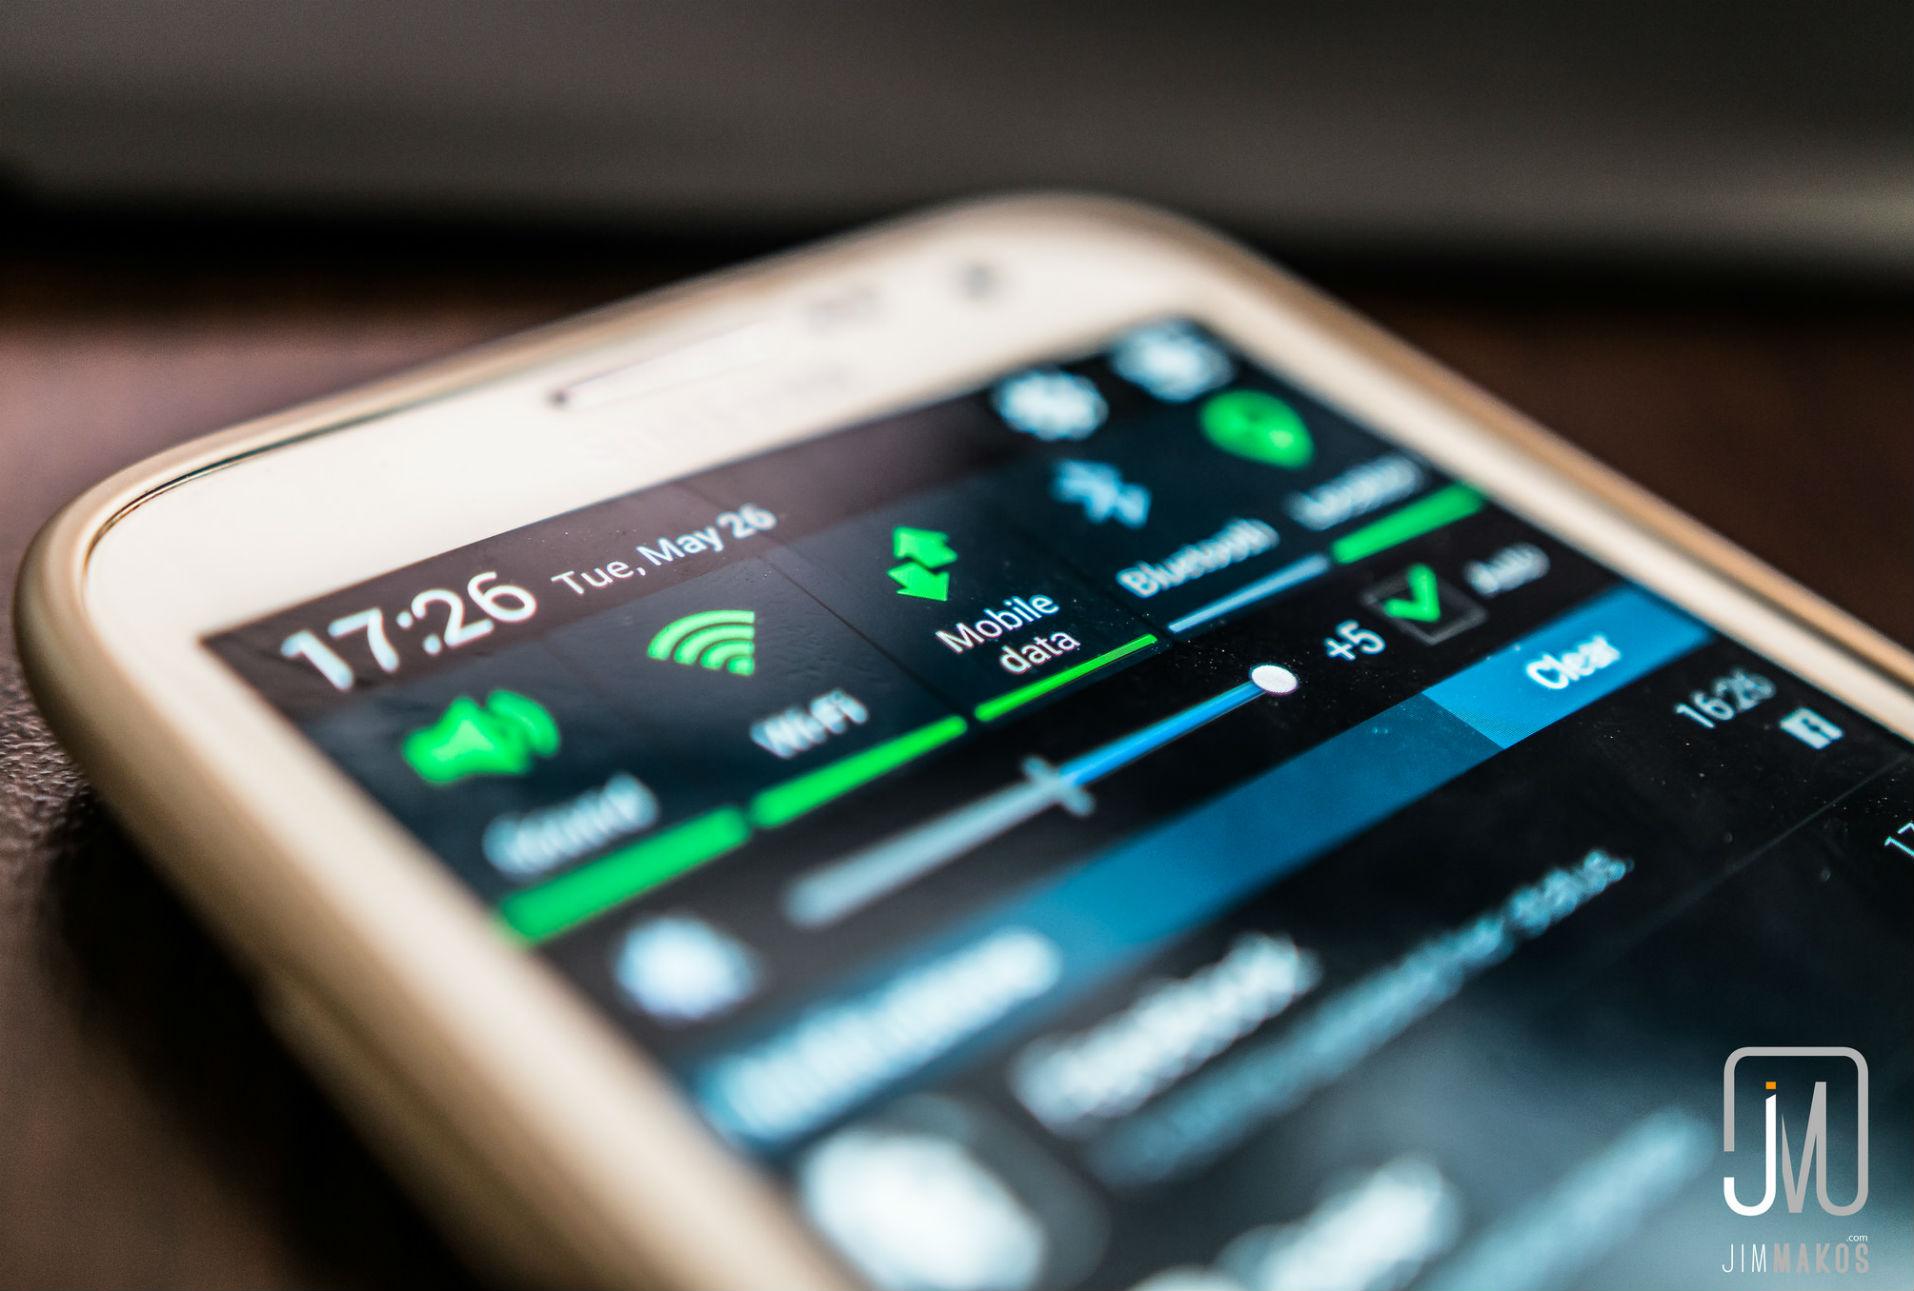 Los planes de zero rating elevan el costo de los datos móviles, señala estudio en la Unión Europea